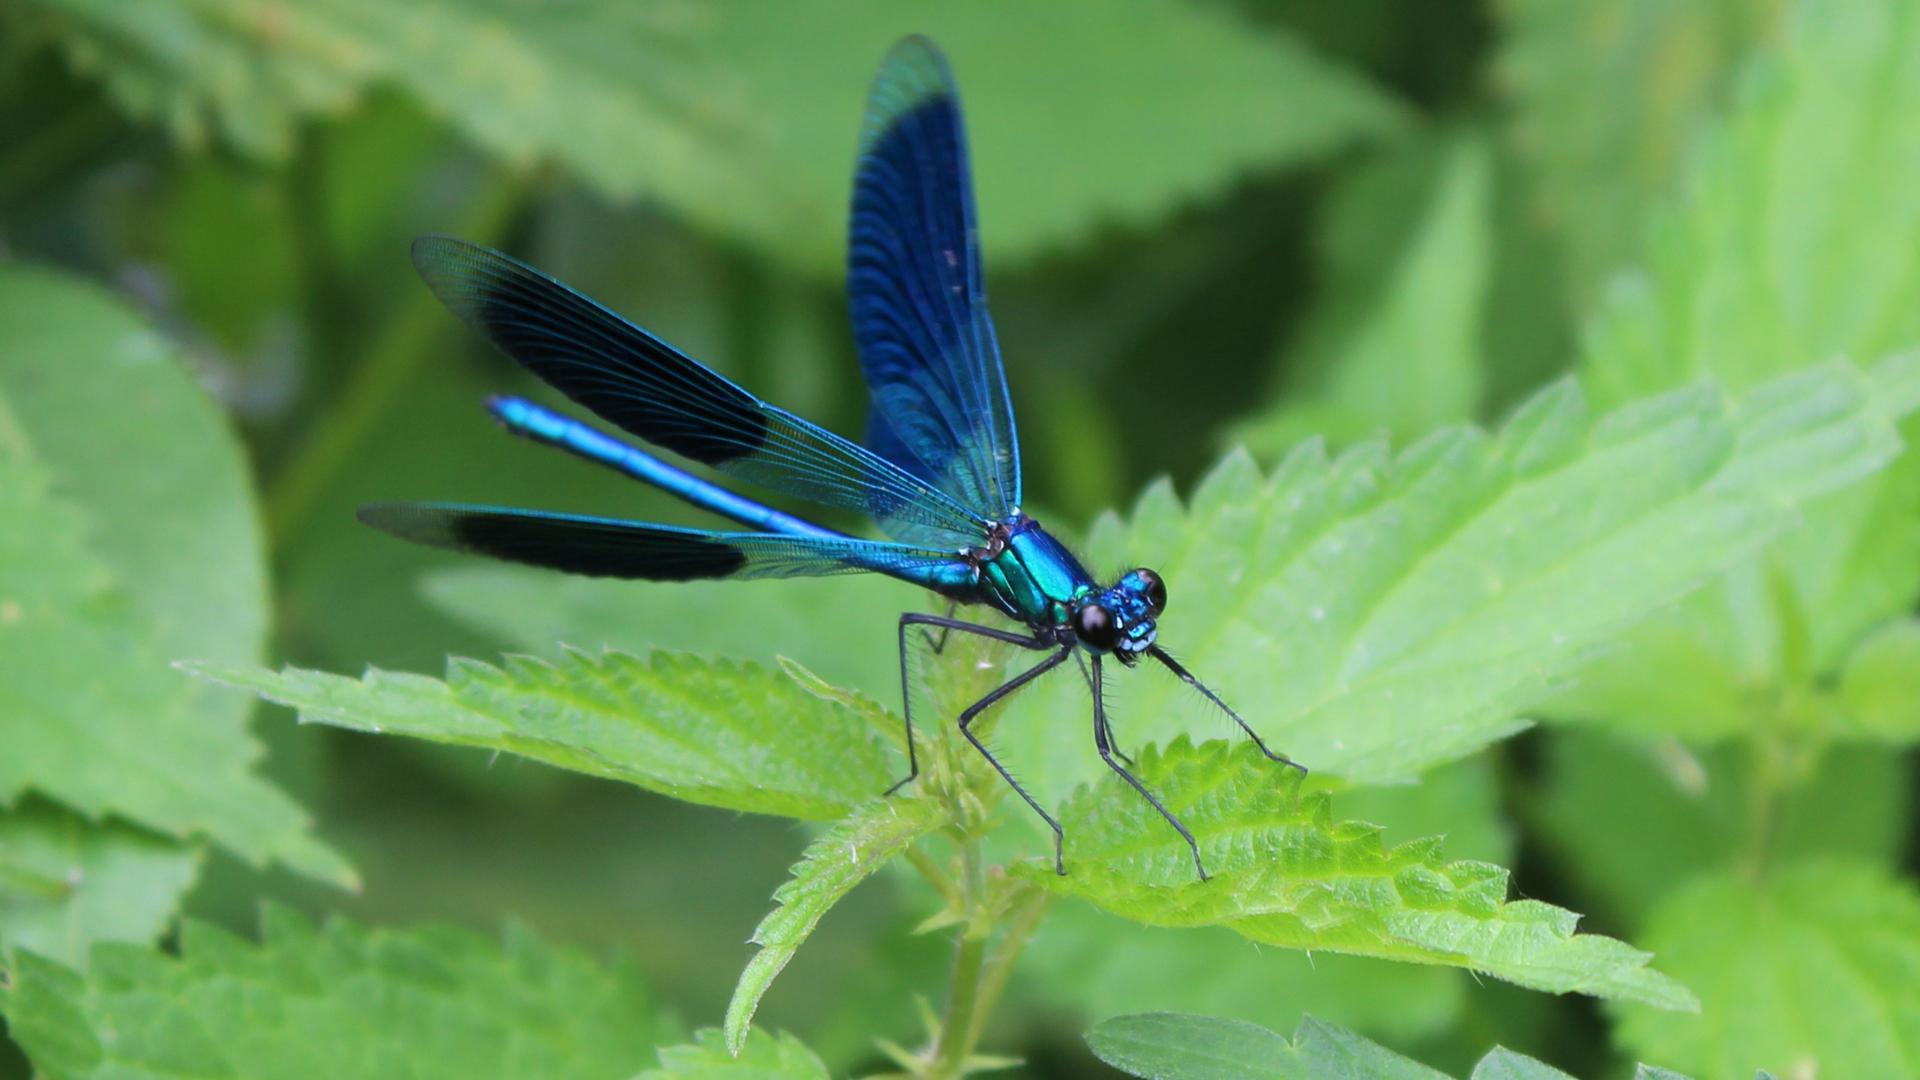 Libelle in Blau-Metallic =)